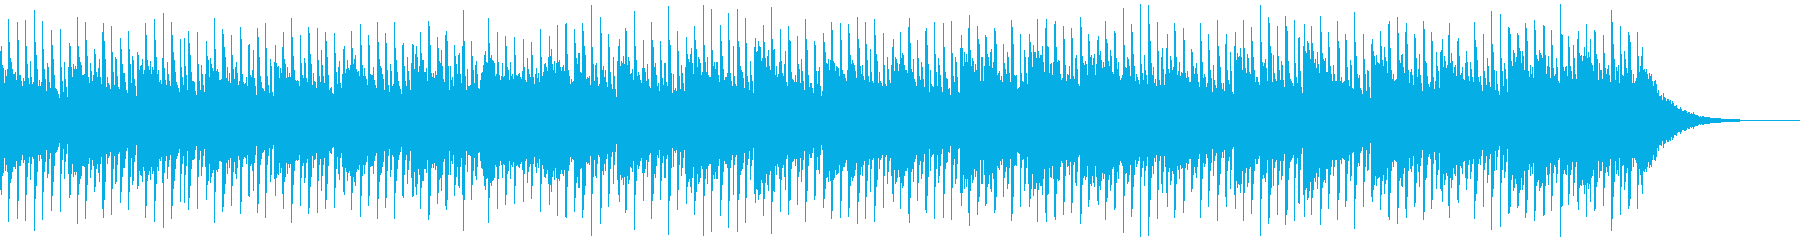 インタビューの背景(60秒)の再生済みの波形